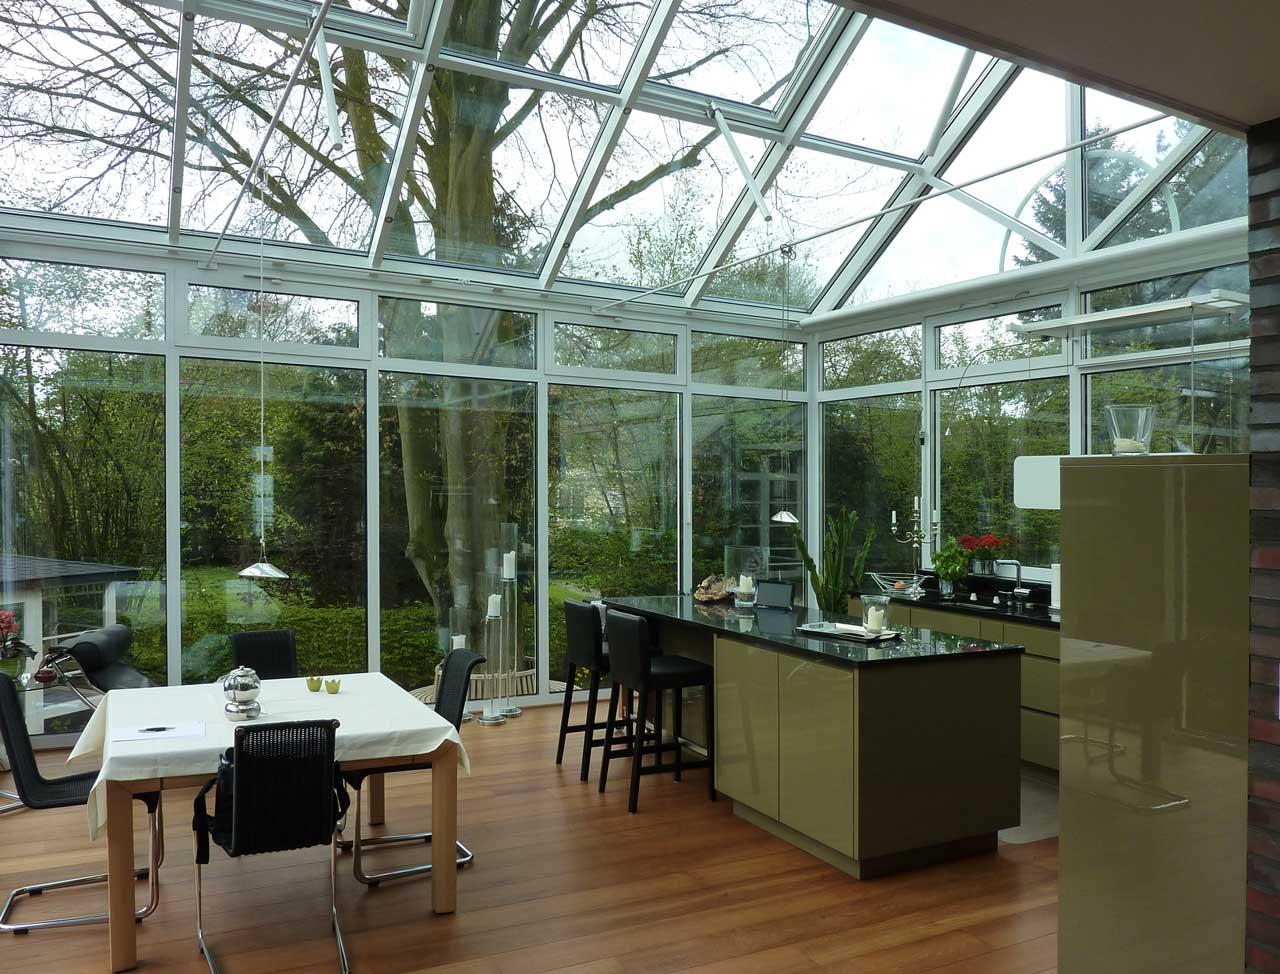 sunshine wintergarten wohlf hlklima wintergarten. Black Bedroom Furniture Sets. Home Design Ideas